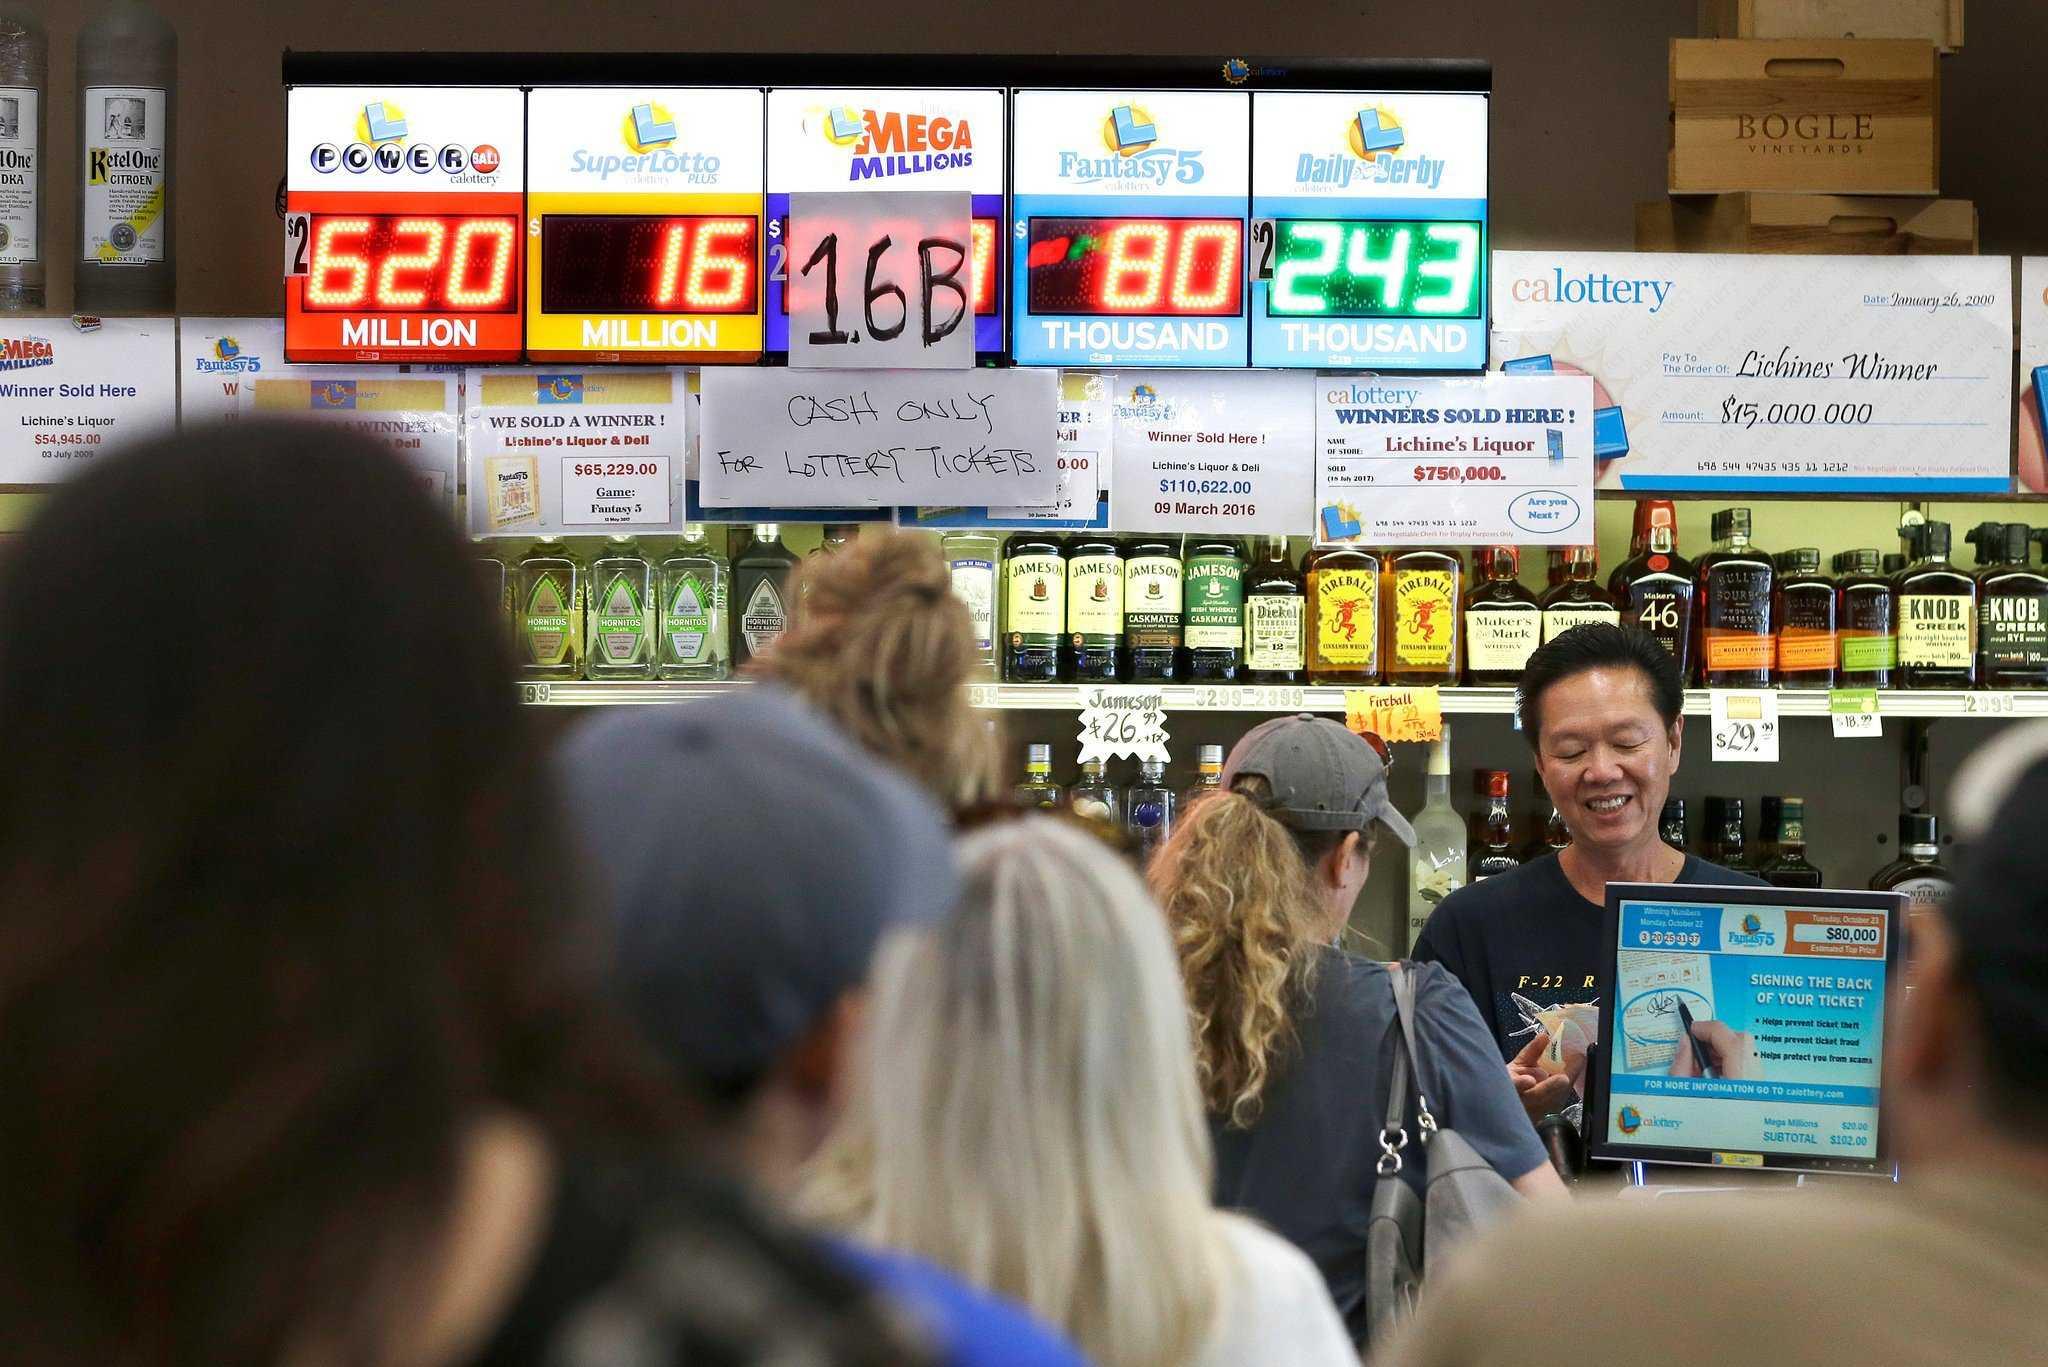 10 największe wygrane na loterii w Rosji i na świecie